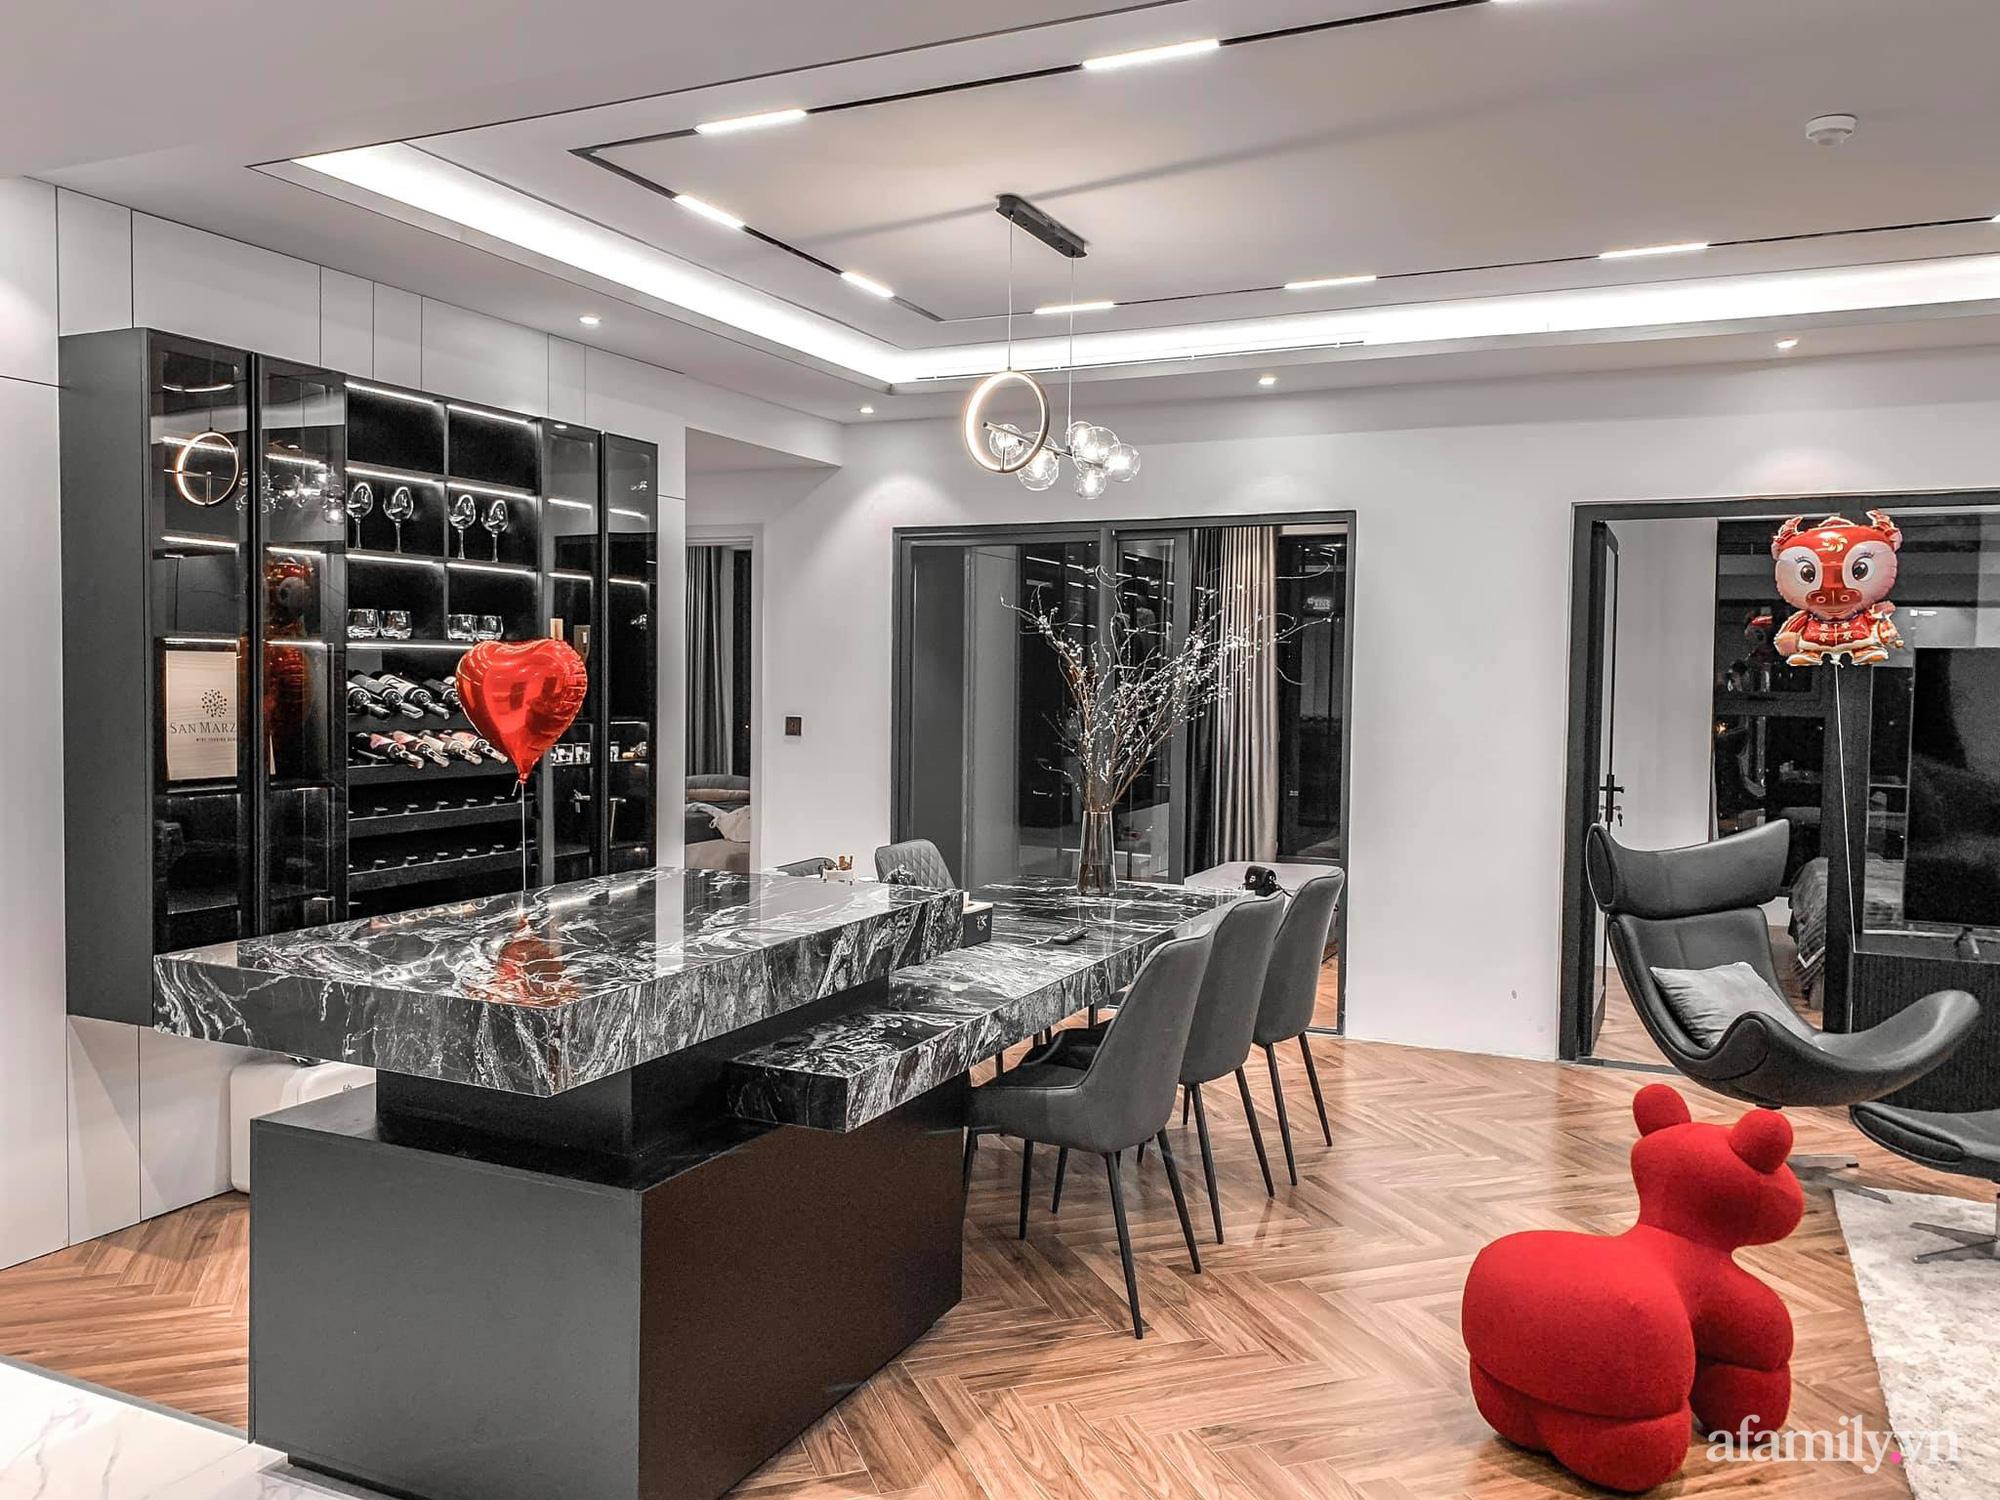 Căn hộ 125m² với gam màu tối cực chất của cặp vợ chồng yêu thời trang ở Hà Nội - Ảnh 14.